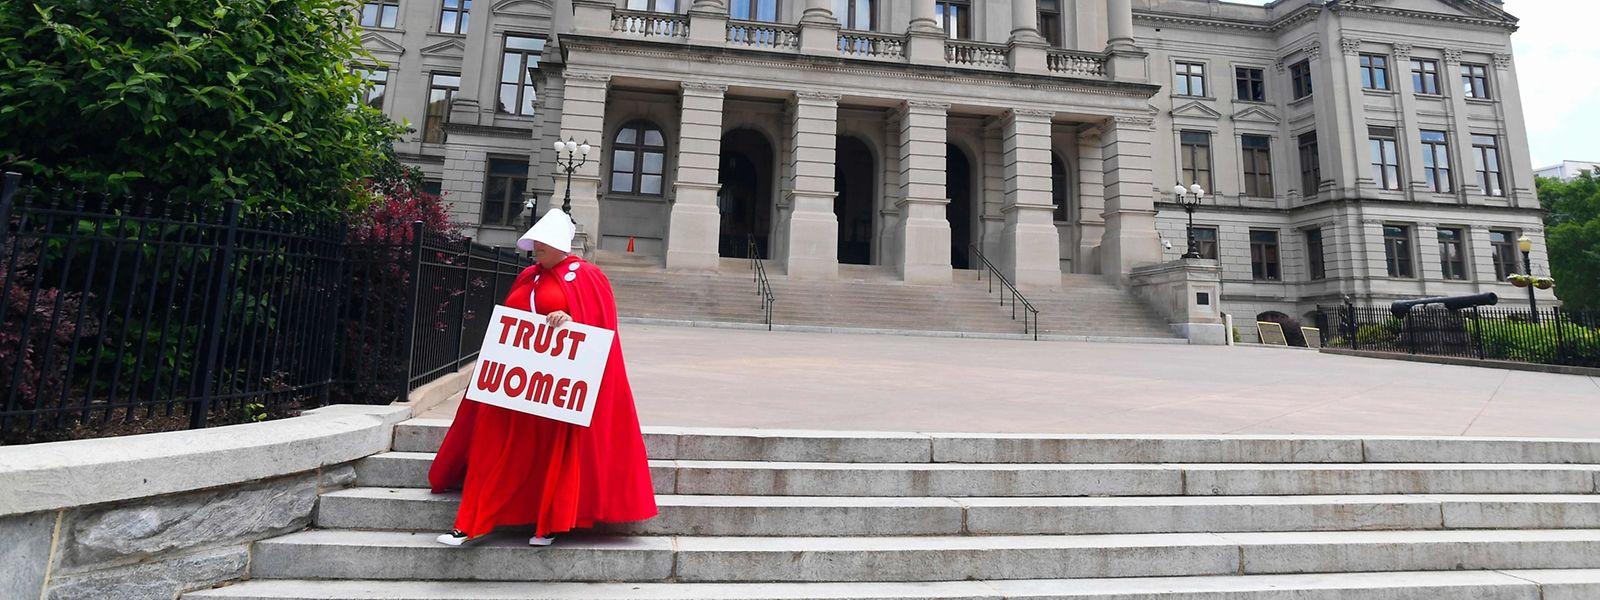 Auch im Bundesstaat Georgia könnte es bald strengere Abtreibungsgesetze geben.